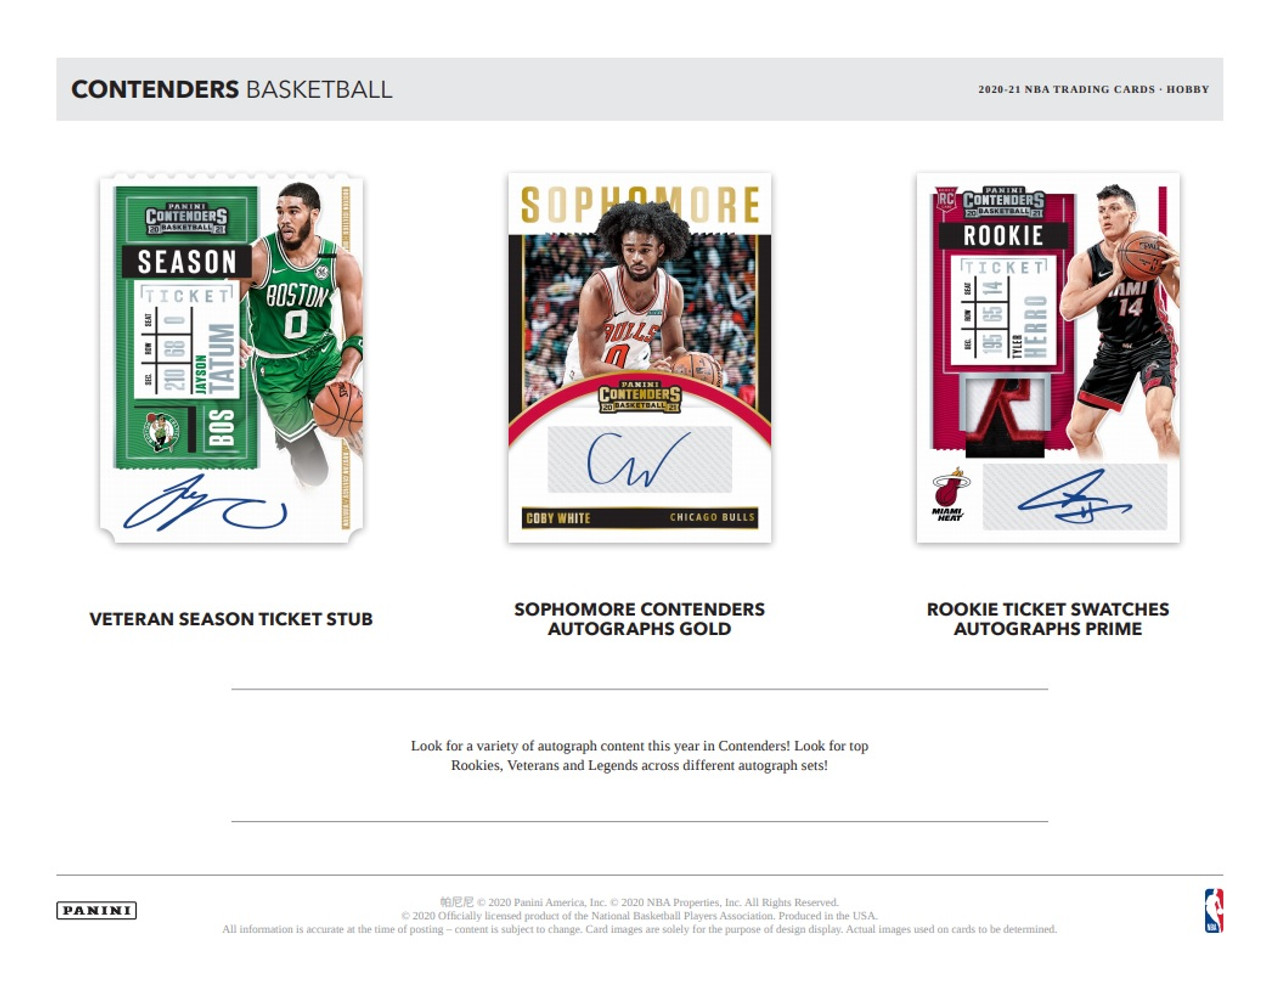 2020/21 Panini Contenders Basketball Hobby Box